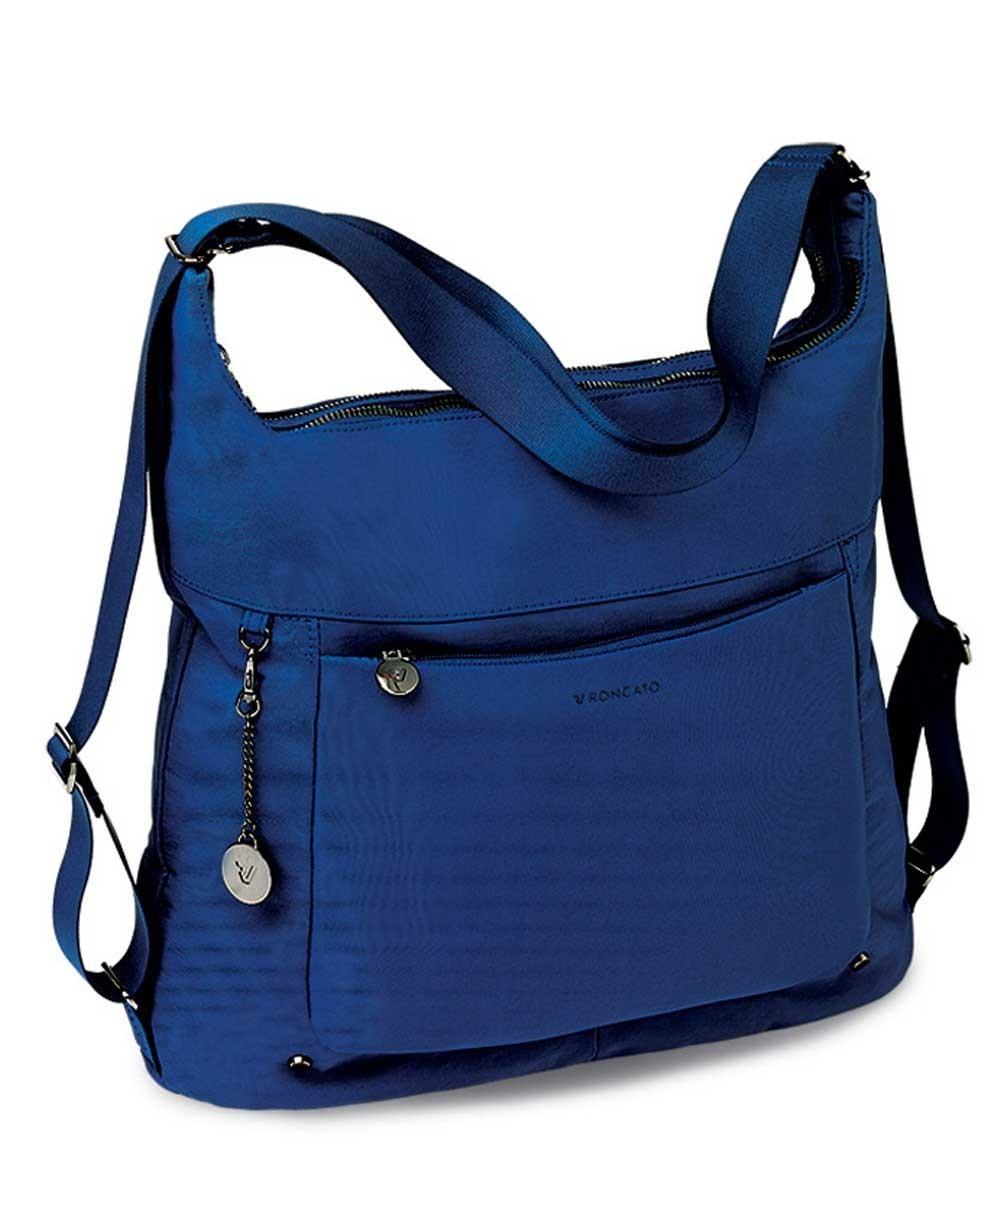 Roncato Madame Mochila de día Azul (bolso) (Foto )